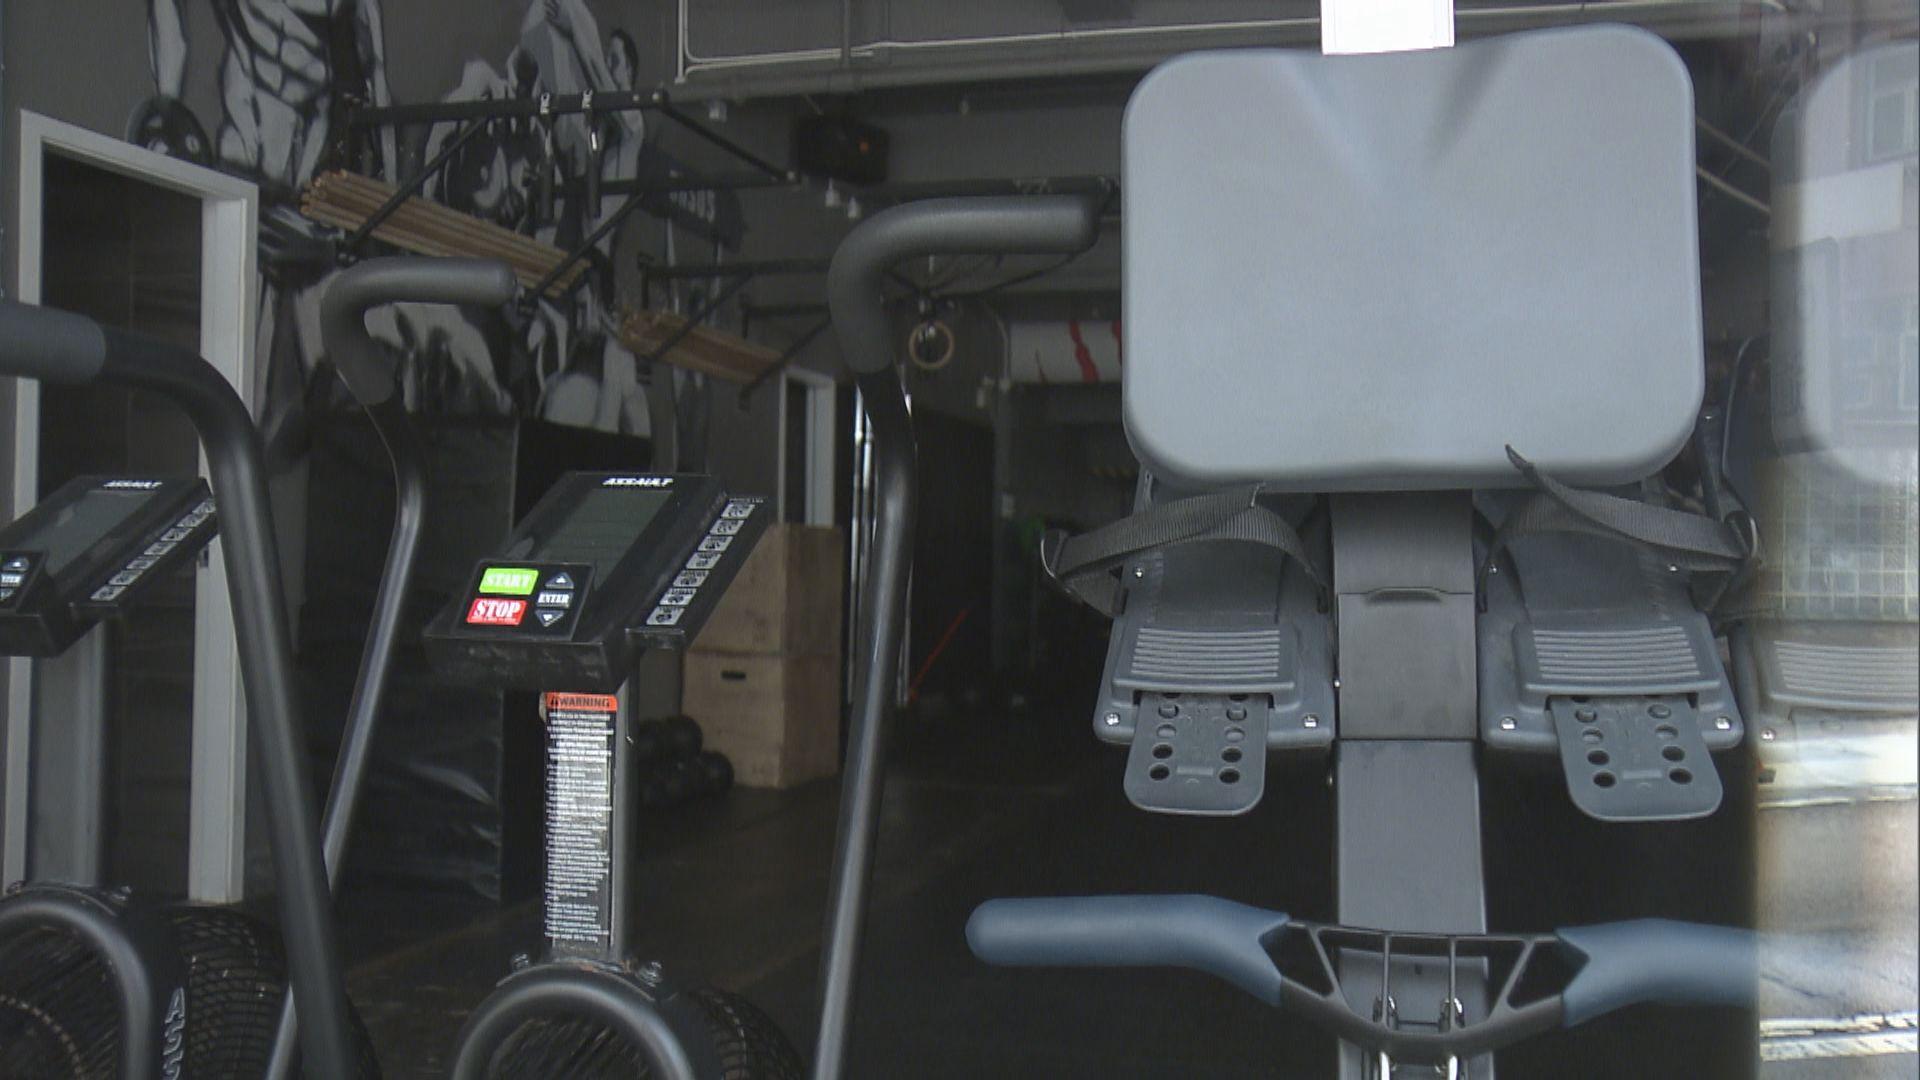 【即日焦點】疫情反彈政府籲港島健身人士檢測 有健身室稱跟足指引盼可繼續營業;Netflix測試新驗證方式 杜絕共用帳戶